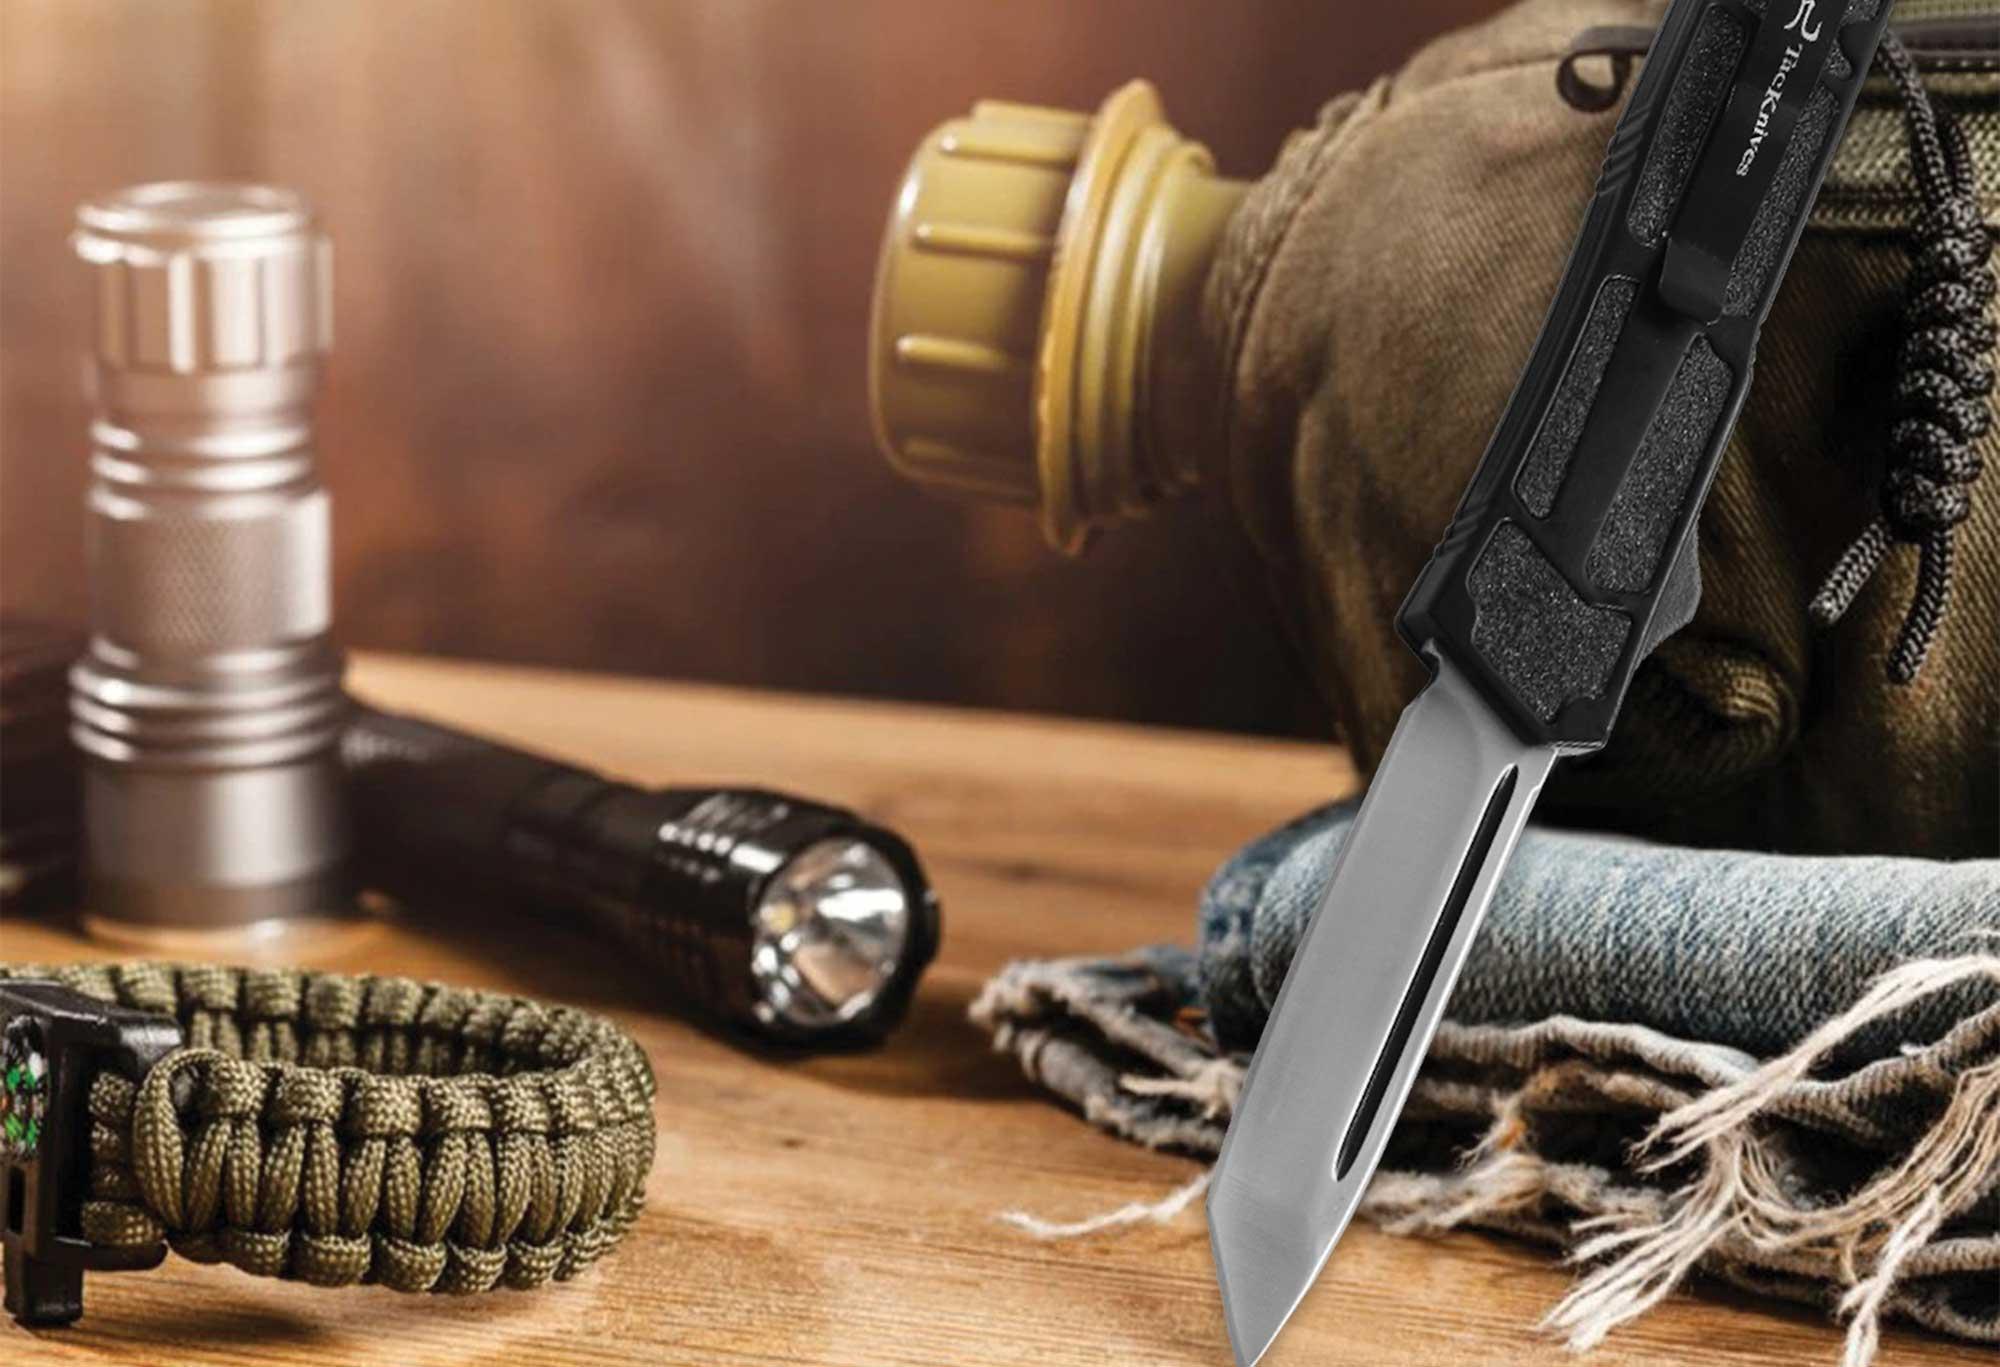 tacknives-image-1